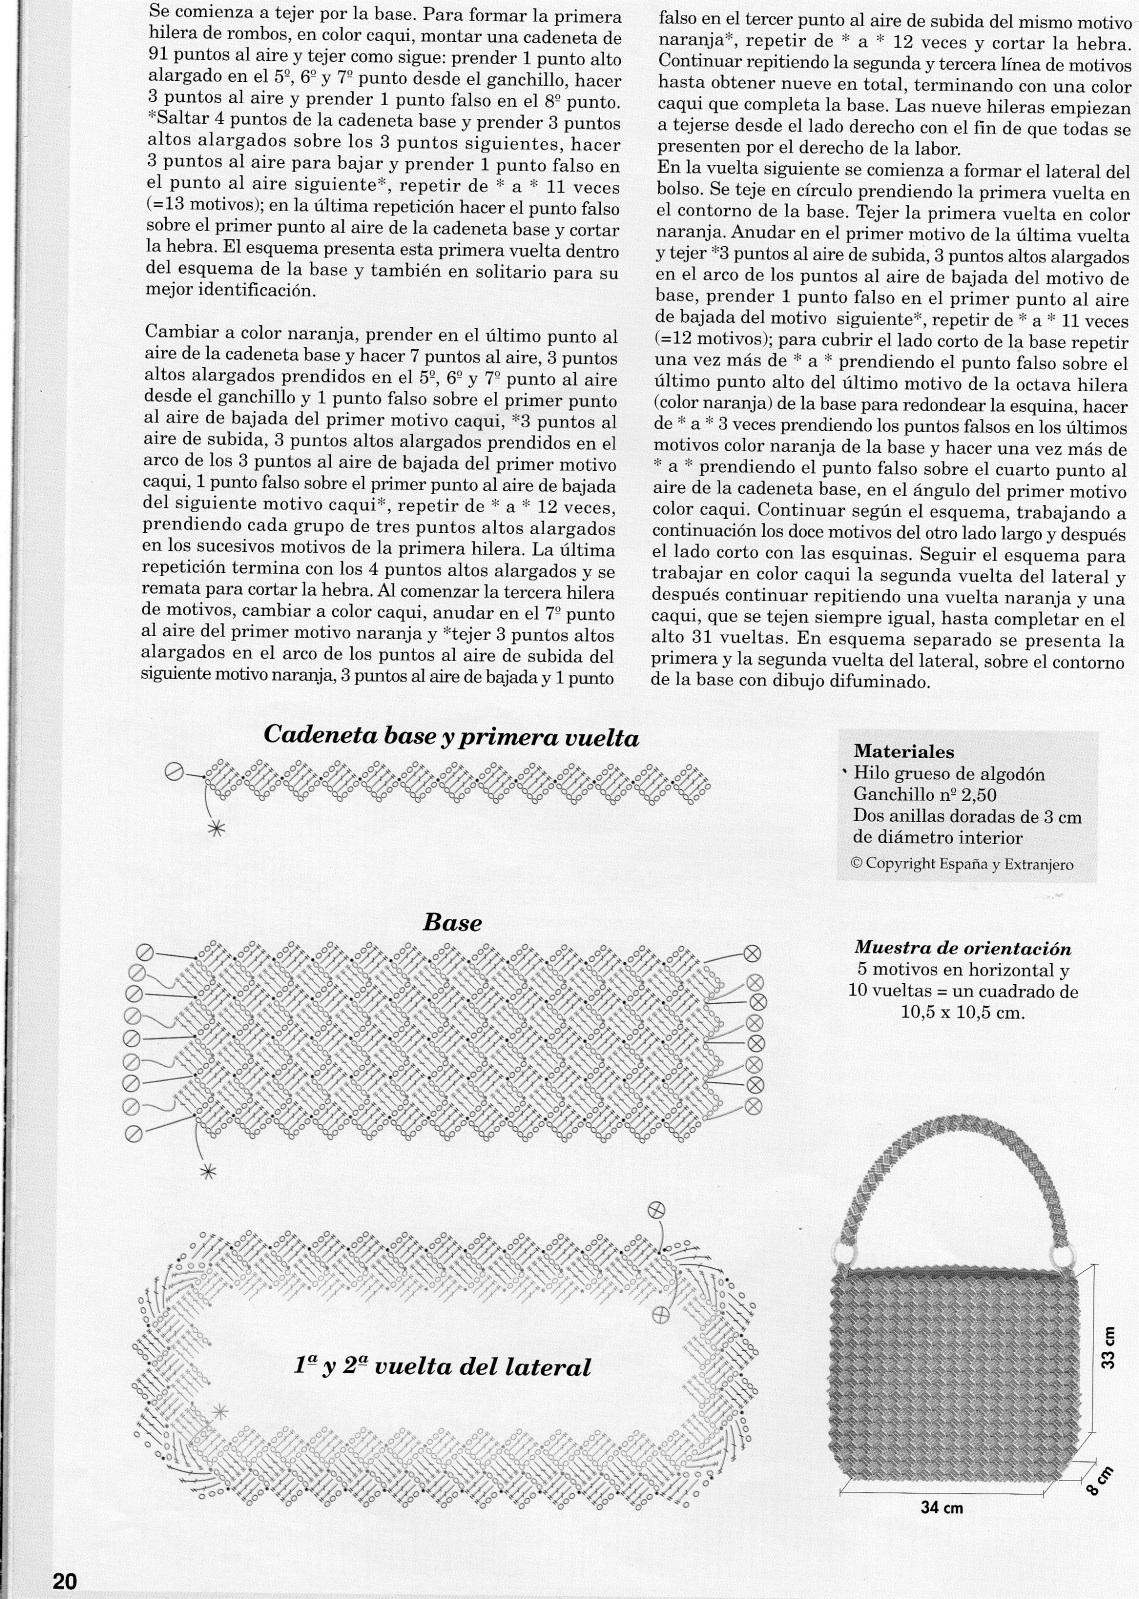 patrones - patrones de bolsos Fvfhnk